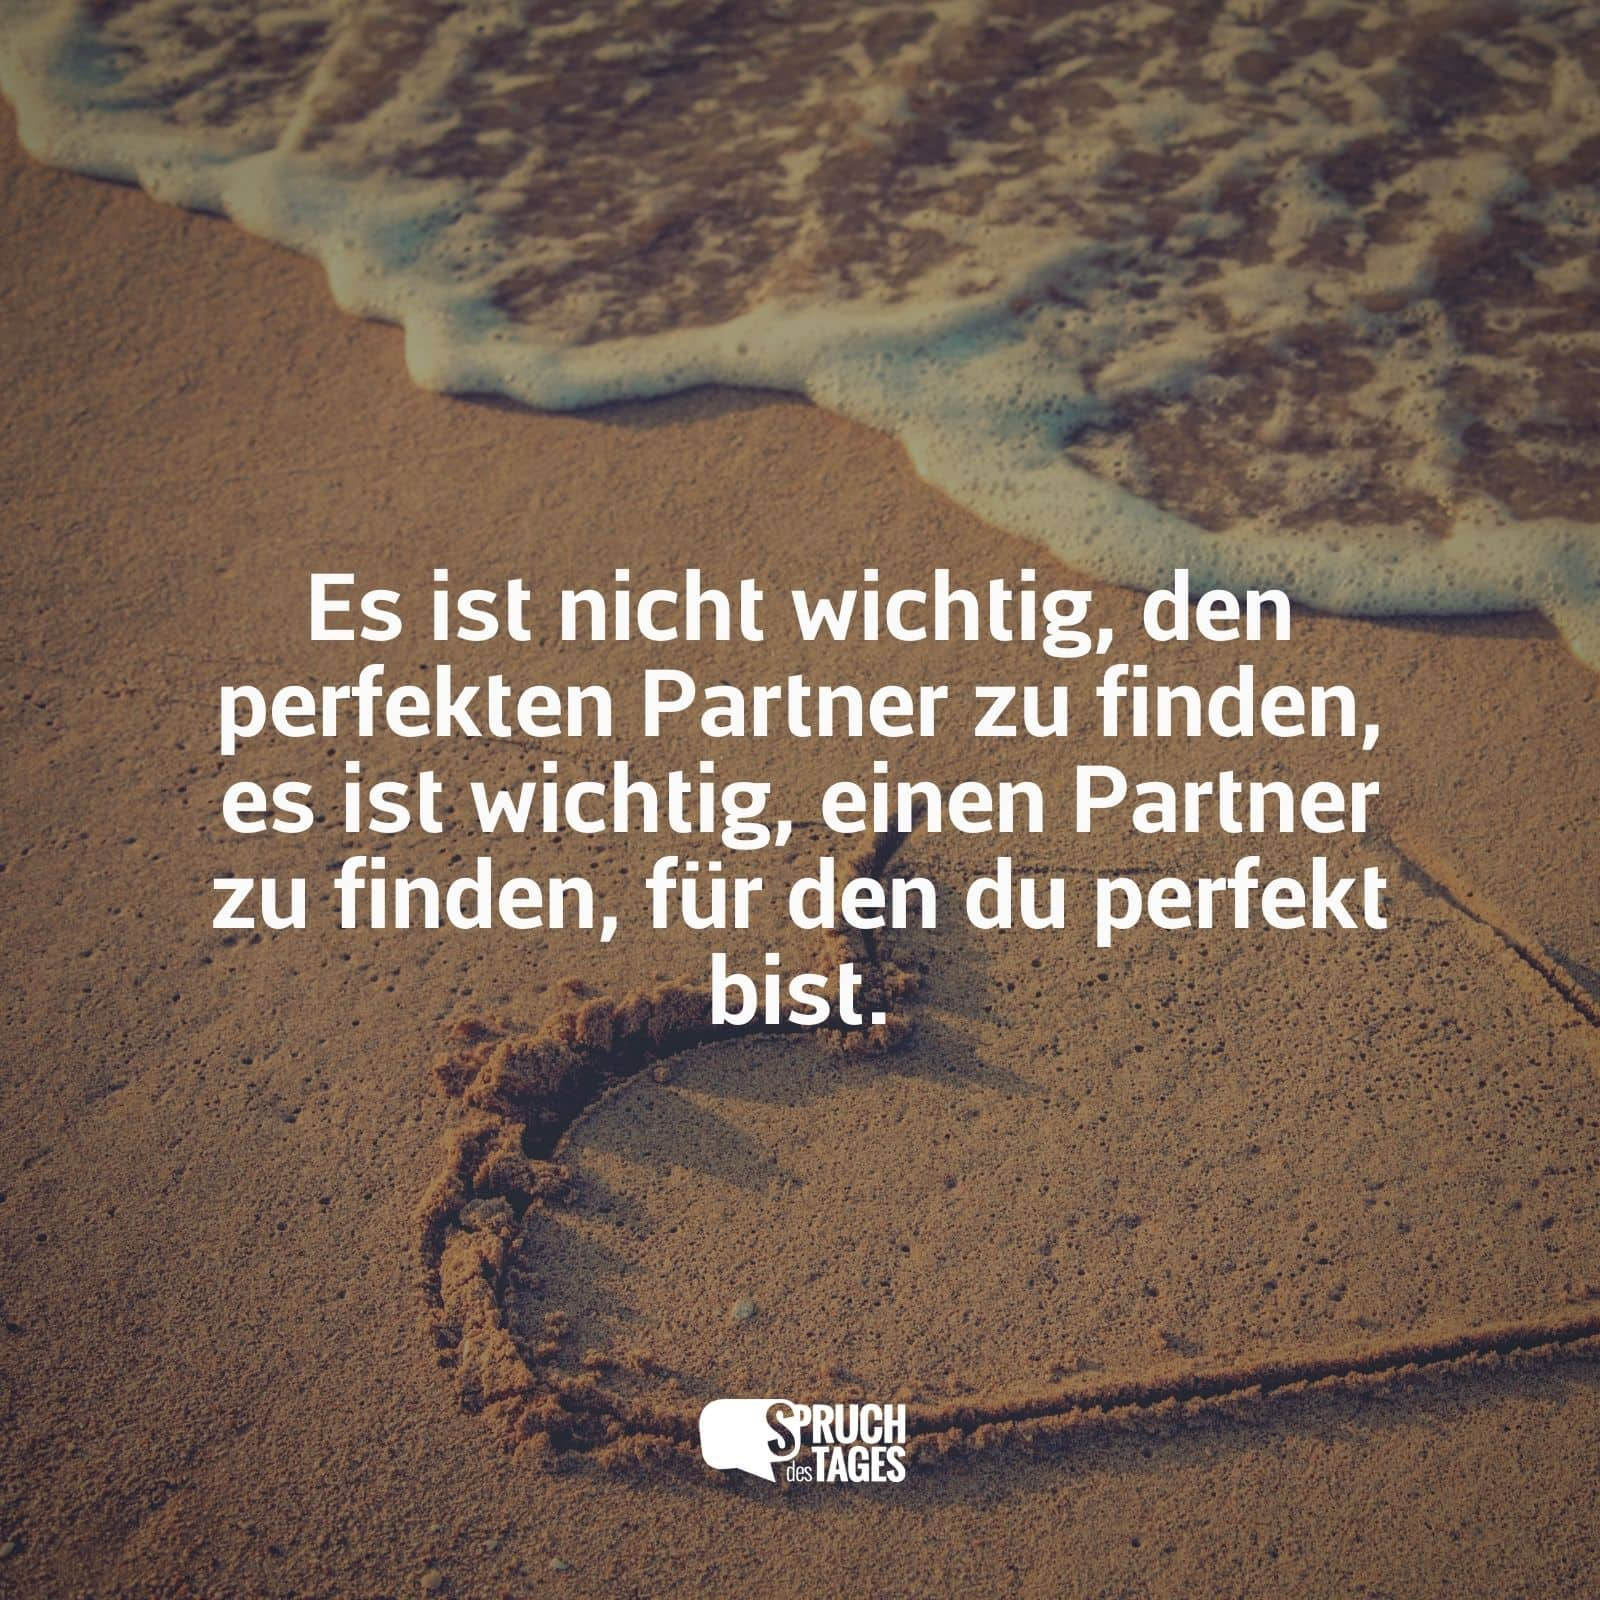 partner fürs leben sprüche Es ist nicht wichtig, den perfekten Partner zu finden, es ist  partner fürs leben sprüche